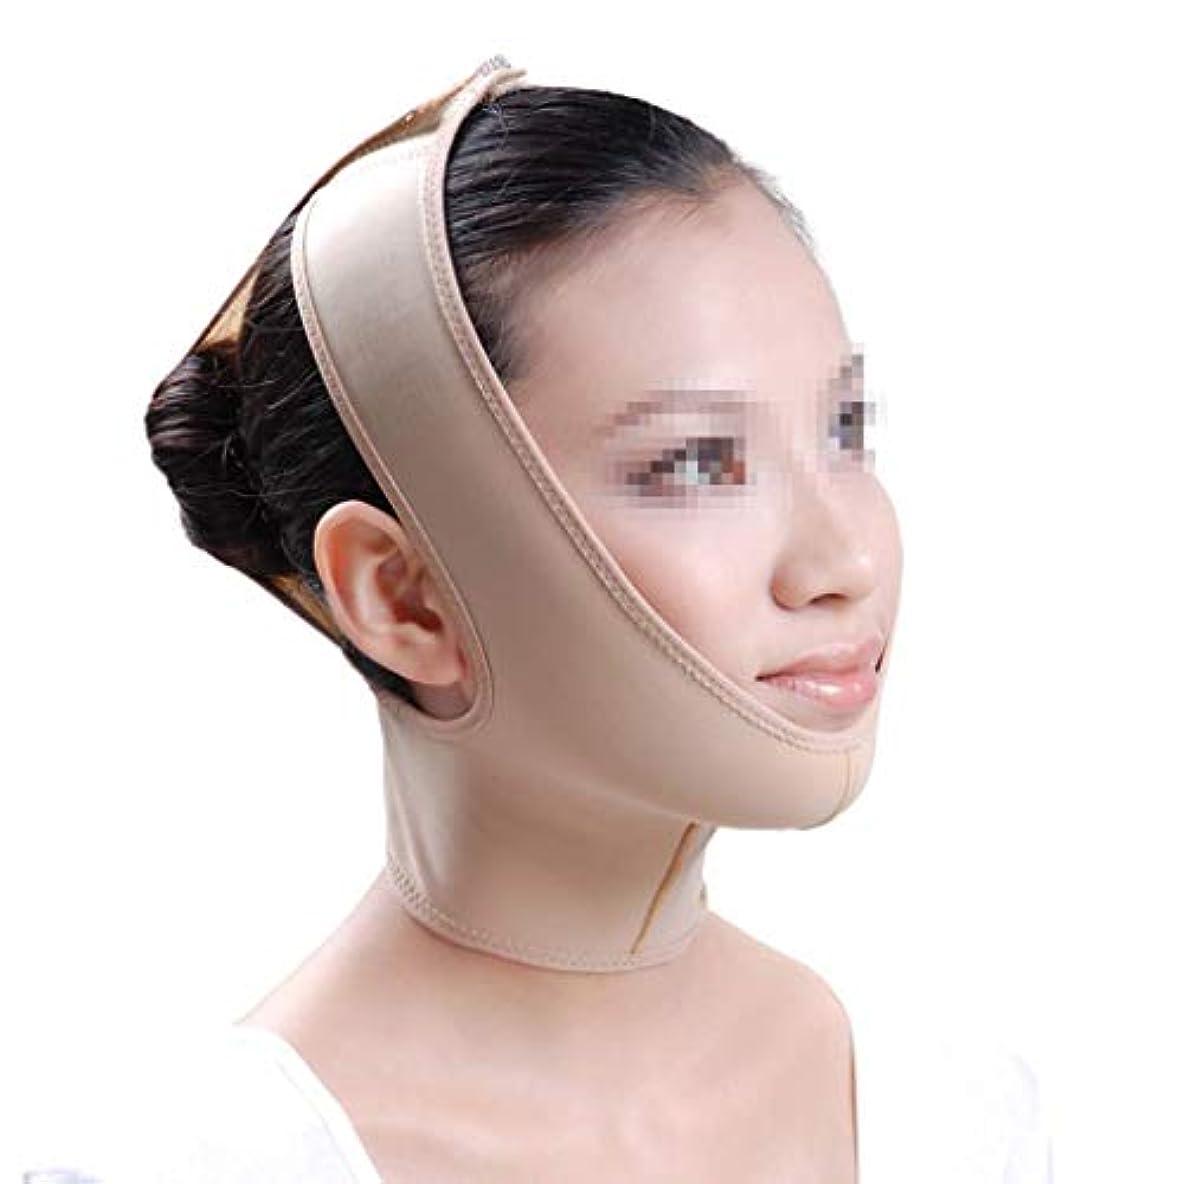 悪用調子実際フェイスリフトマスク、顎首スリーブ首ダブルあご顔医療脂肪吸引手術傷フェイスマスクヘッド弾性スリーブ(サイズ:XXL)